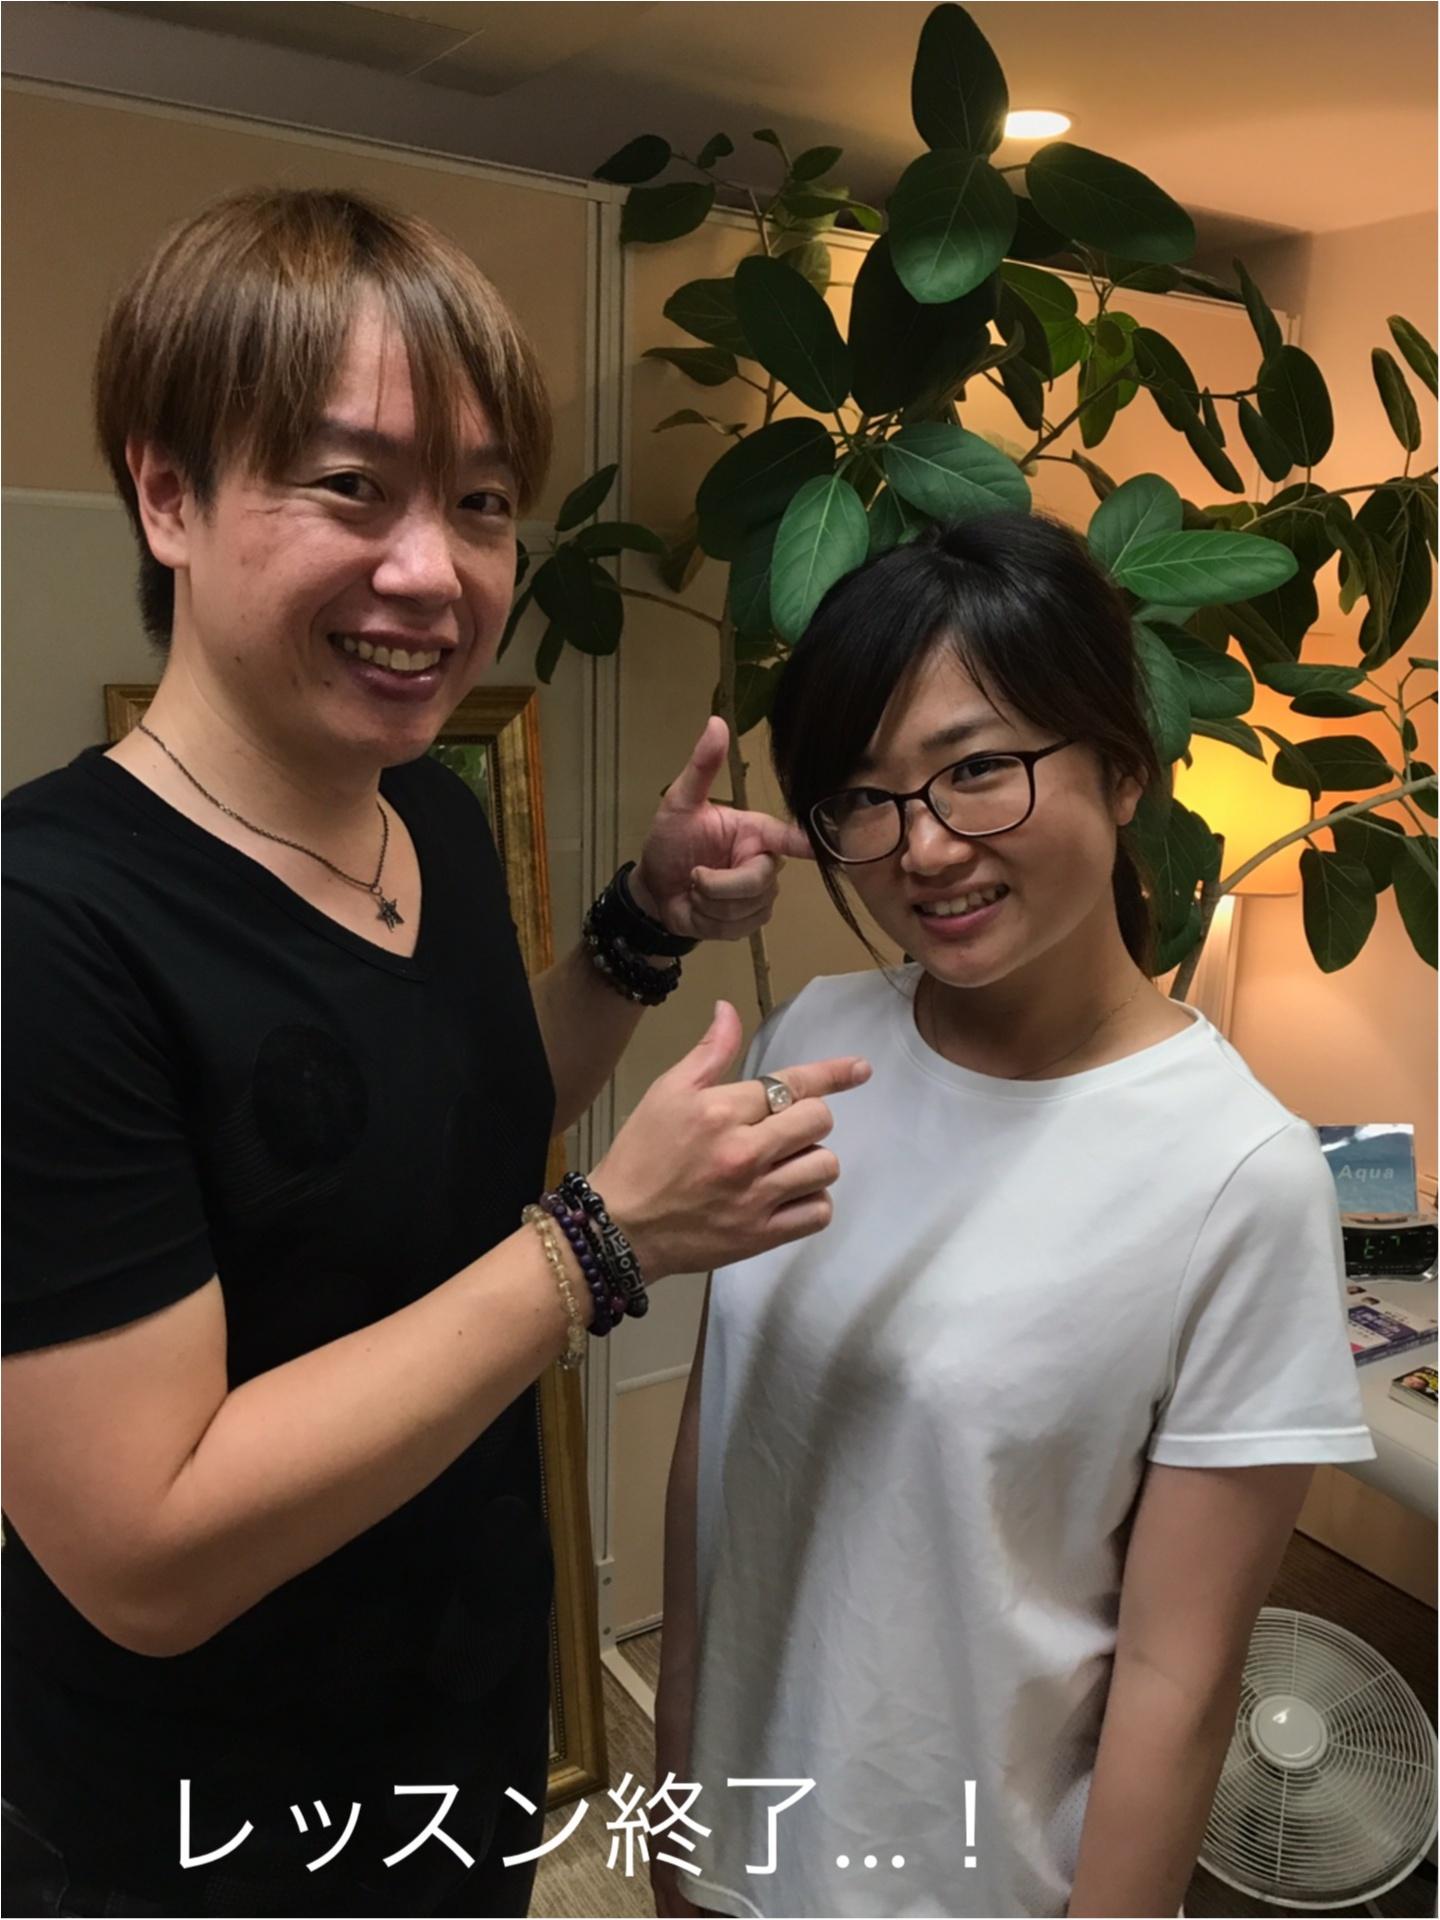 小倉義人先生のサロンで美ボディになるための「正しい歩き方」レッスン♡  【#モアチャレ 7キロ痩せ】_4